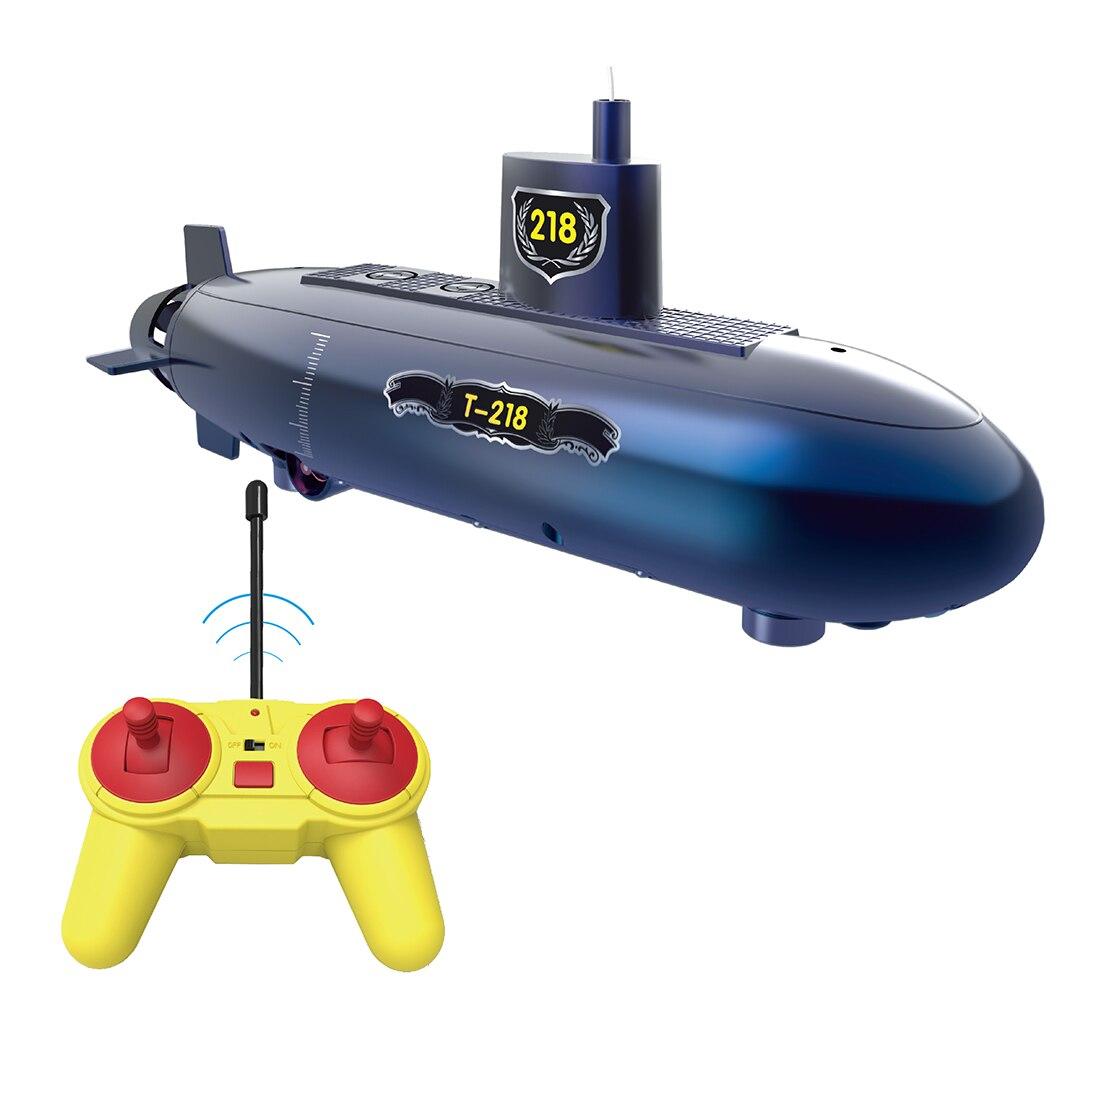 Rowsfire sous-marin bricolage Science éducation tige jouets pour enfants apprentissage Science intérêt développement